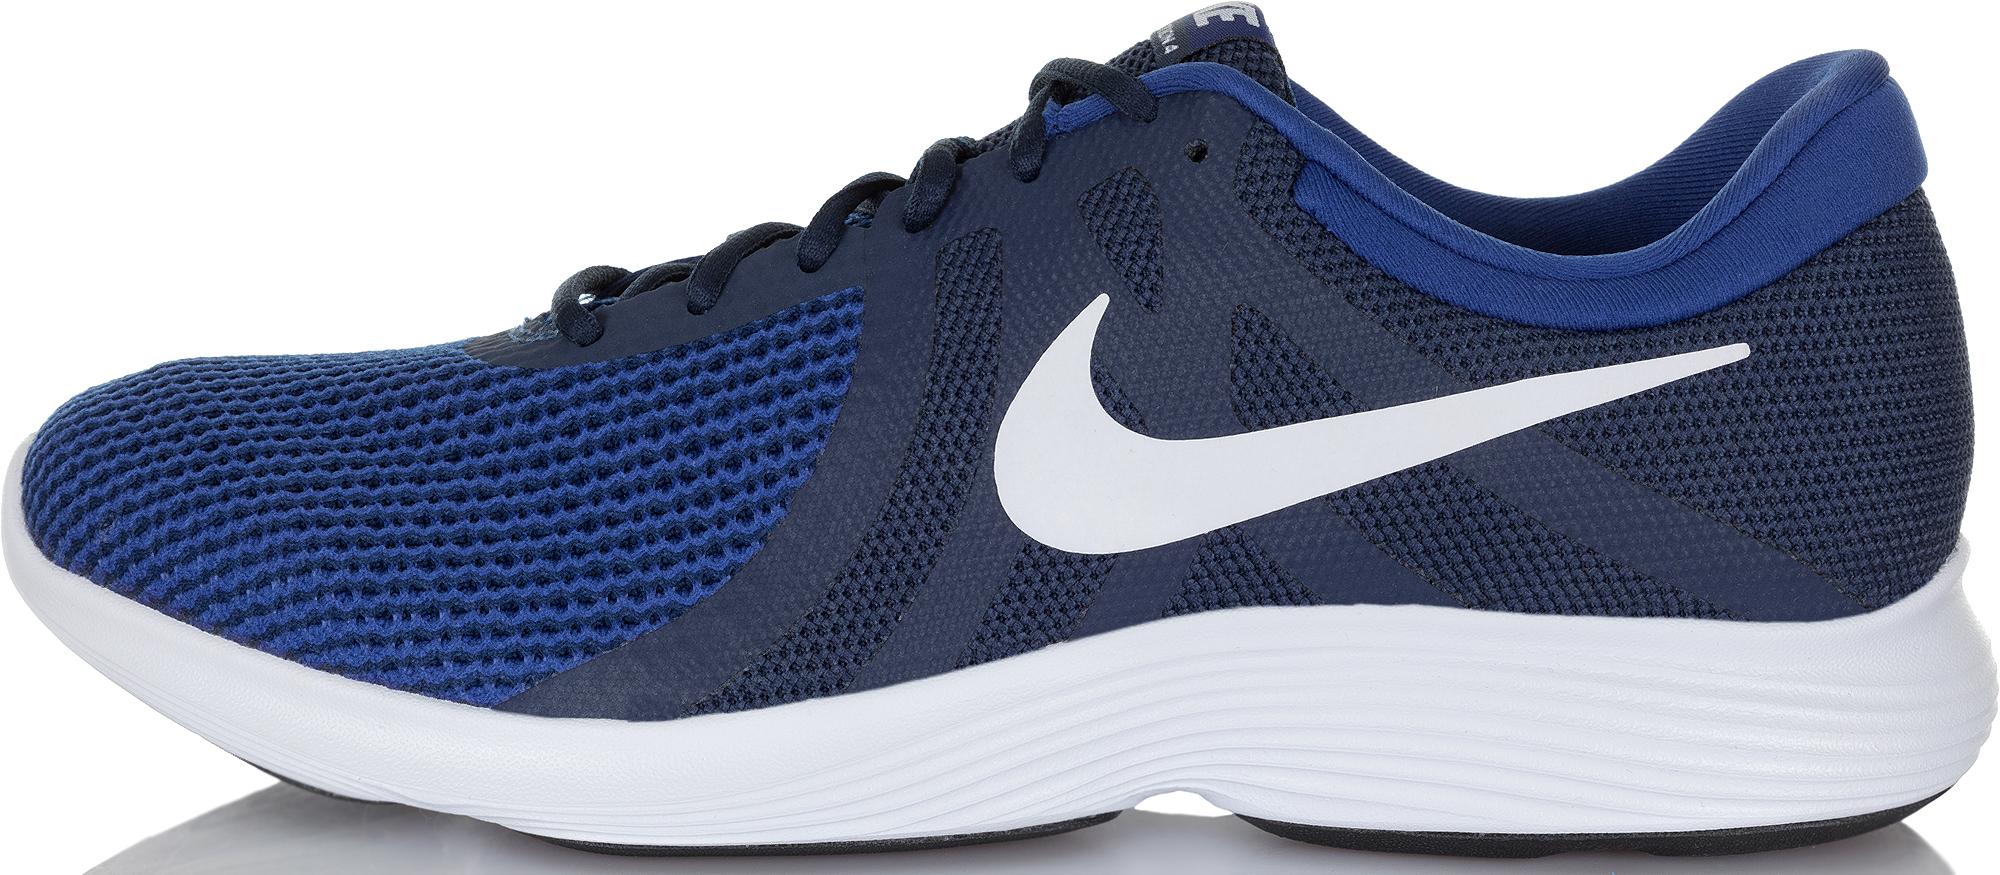 цена Nike Кроссовки мужские Nike Revolution 4, размер 46,5 онлайн в 2017 году